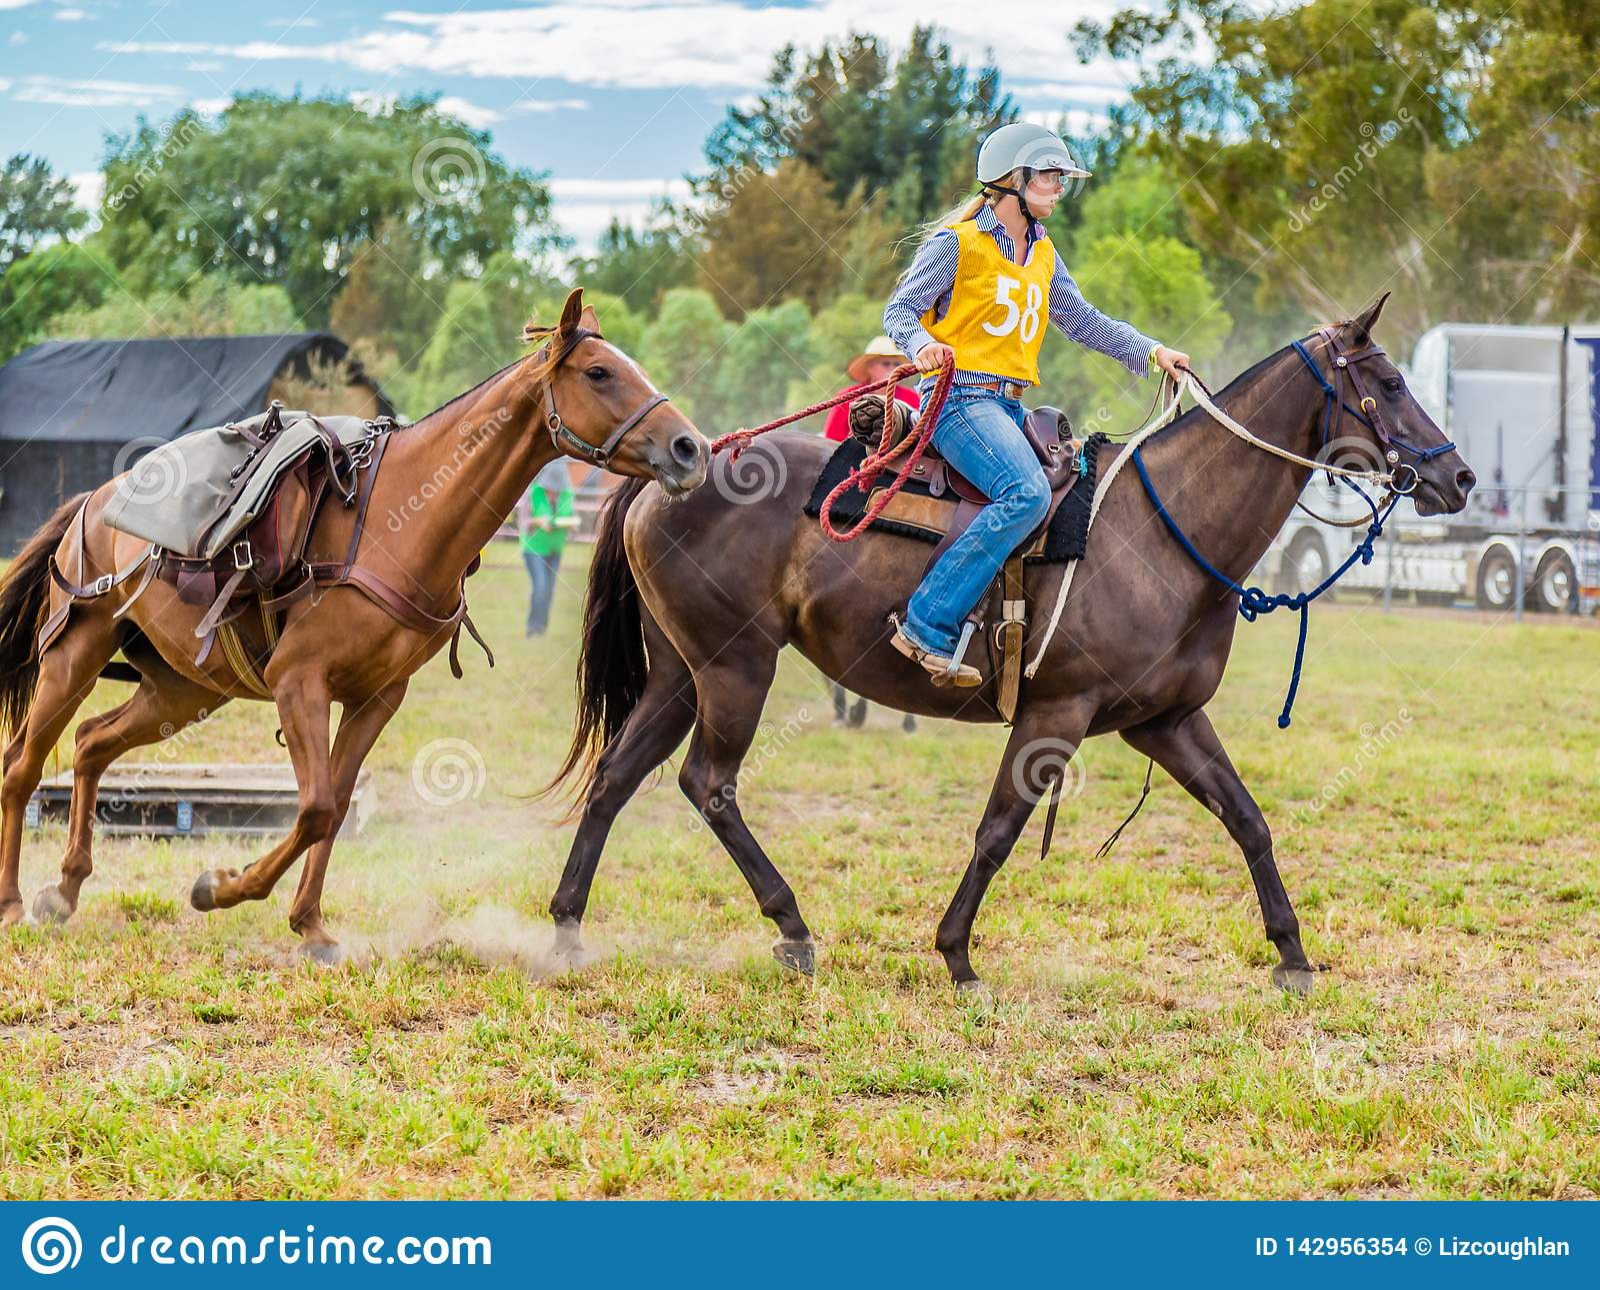 Murrurundi,NSW,澳大利亚,2018年,2月24日:在范围畜牧业者的挑战的国王的竞争者